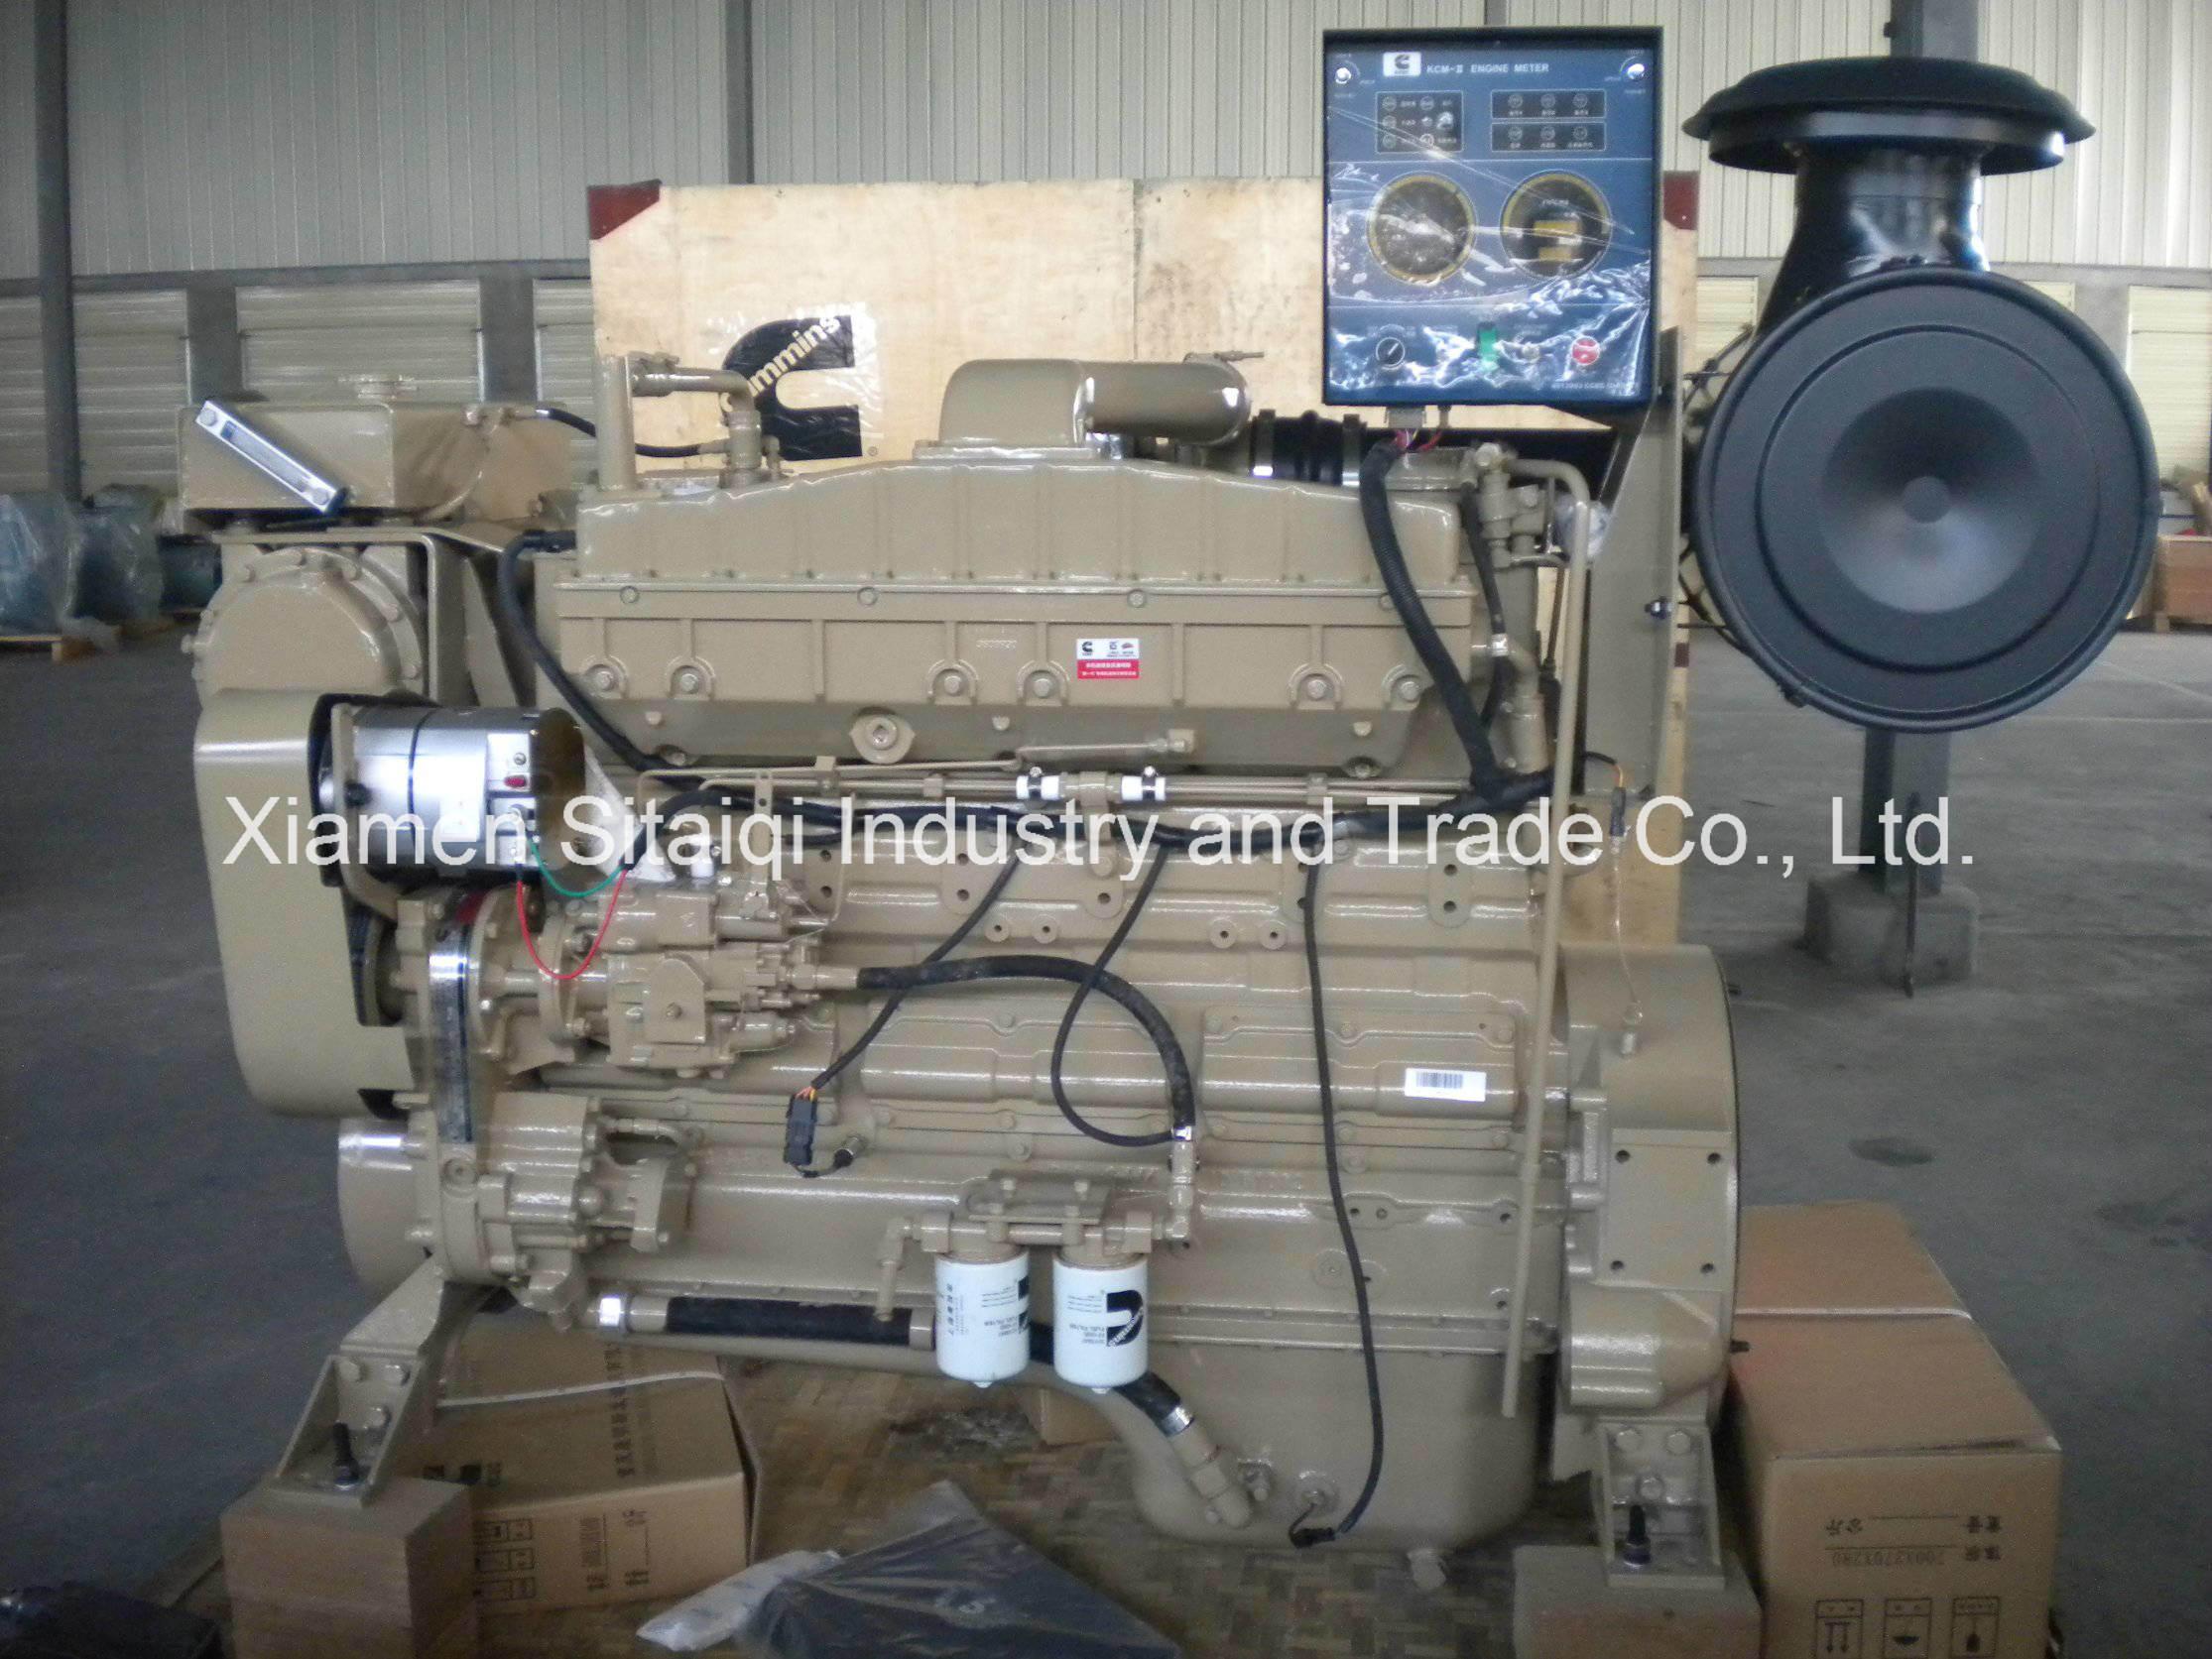 China Cummins Marine Diesel Engine with CCS Certificate Approval - China Cummins  Marine Engine, Marine Diesel Engine